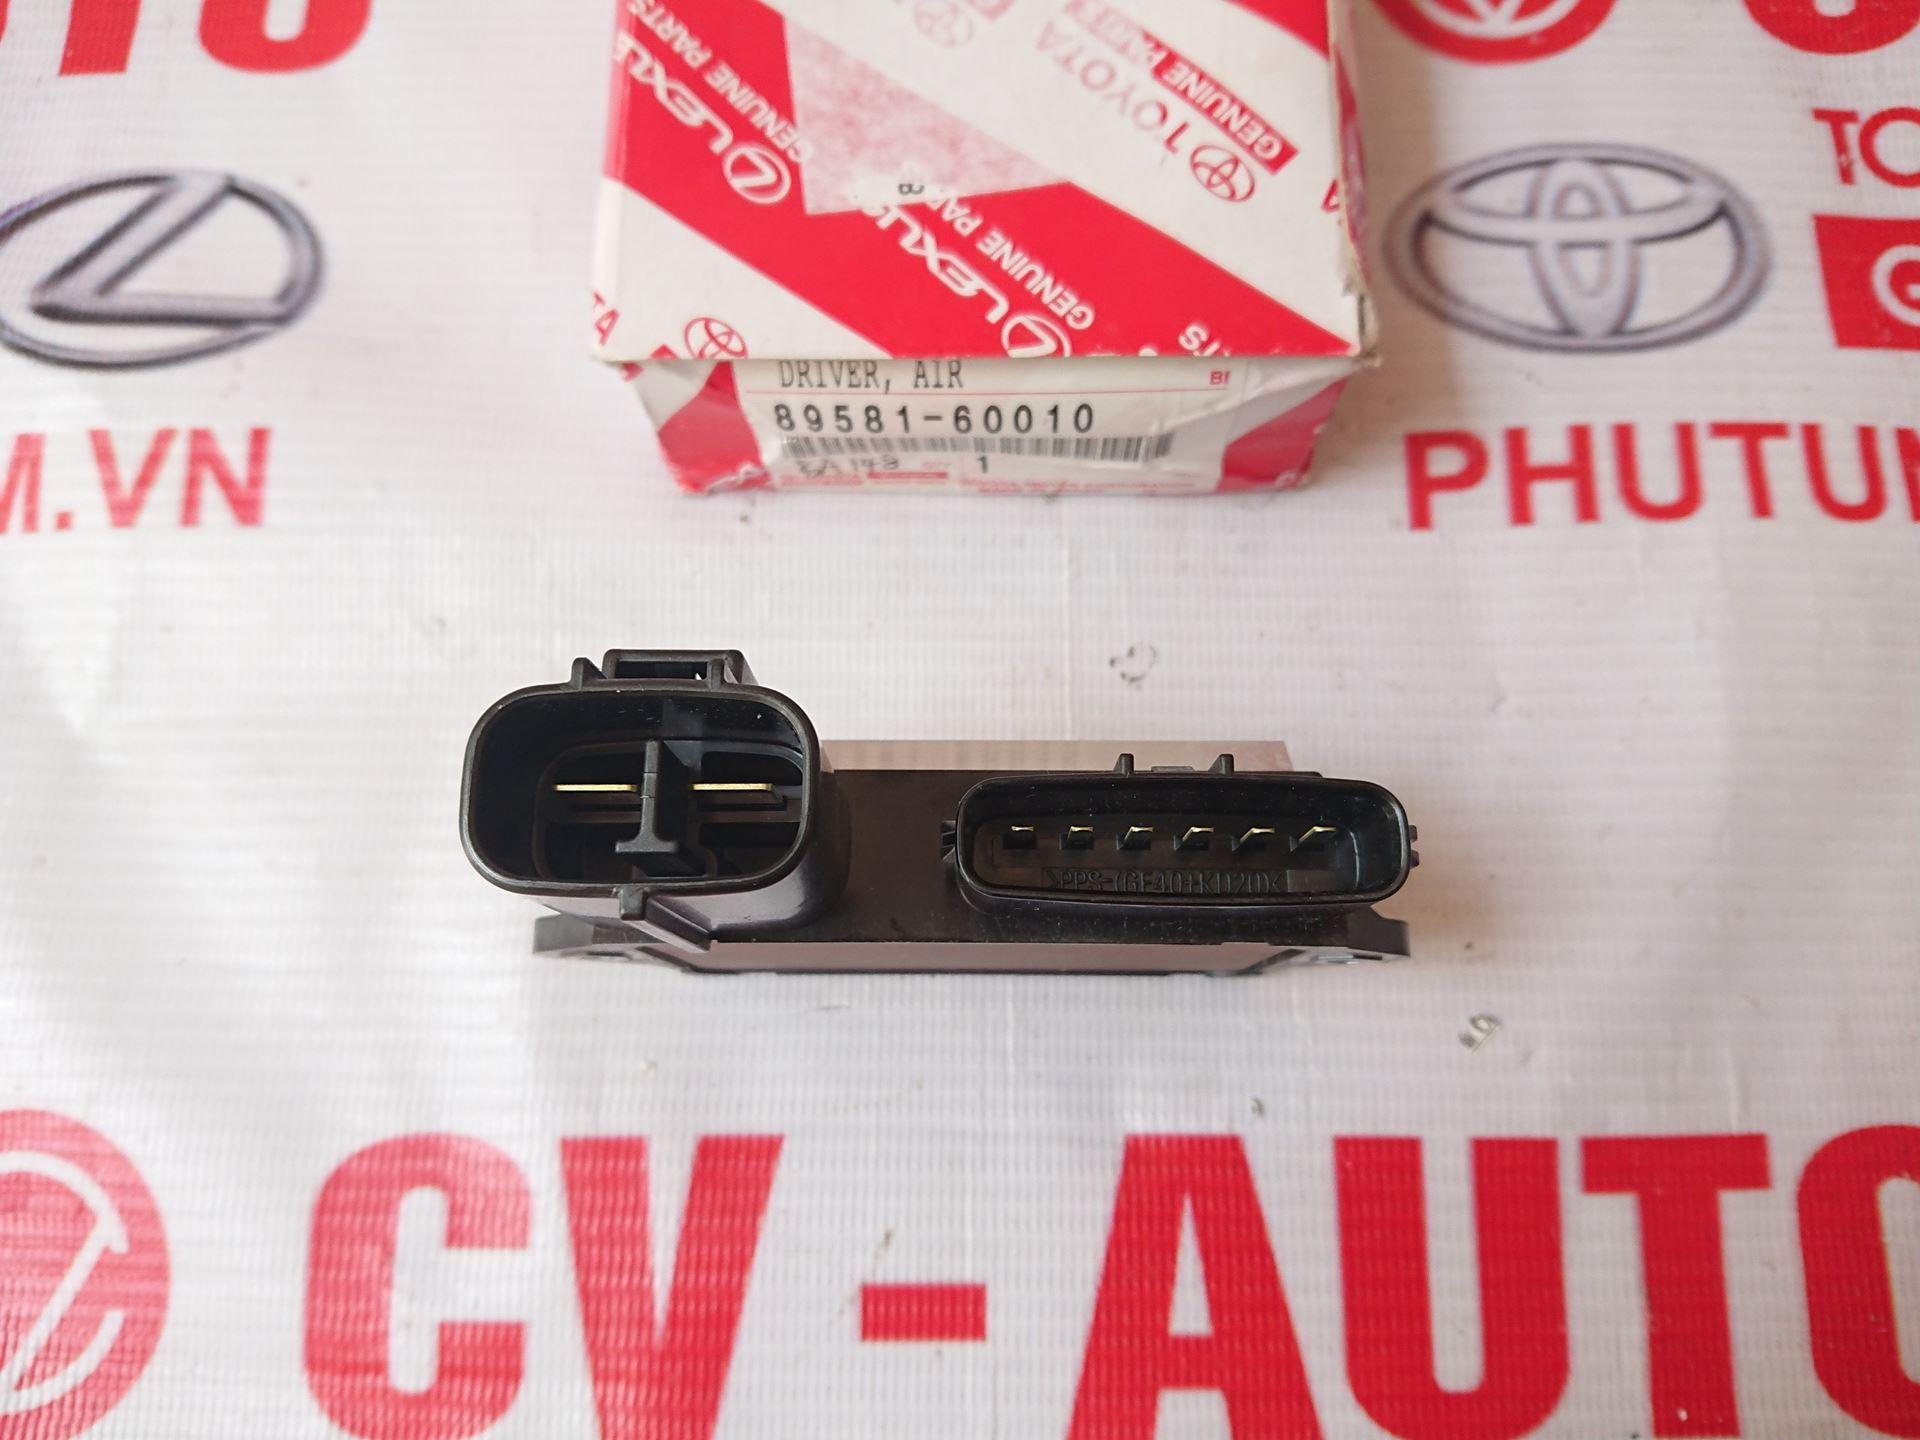 Picture of 89581-60010 Hộp điều khiển khí nạp Toyota, Lexus hàng chính hãng